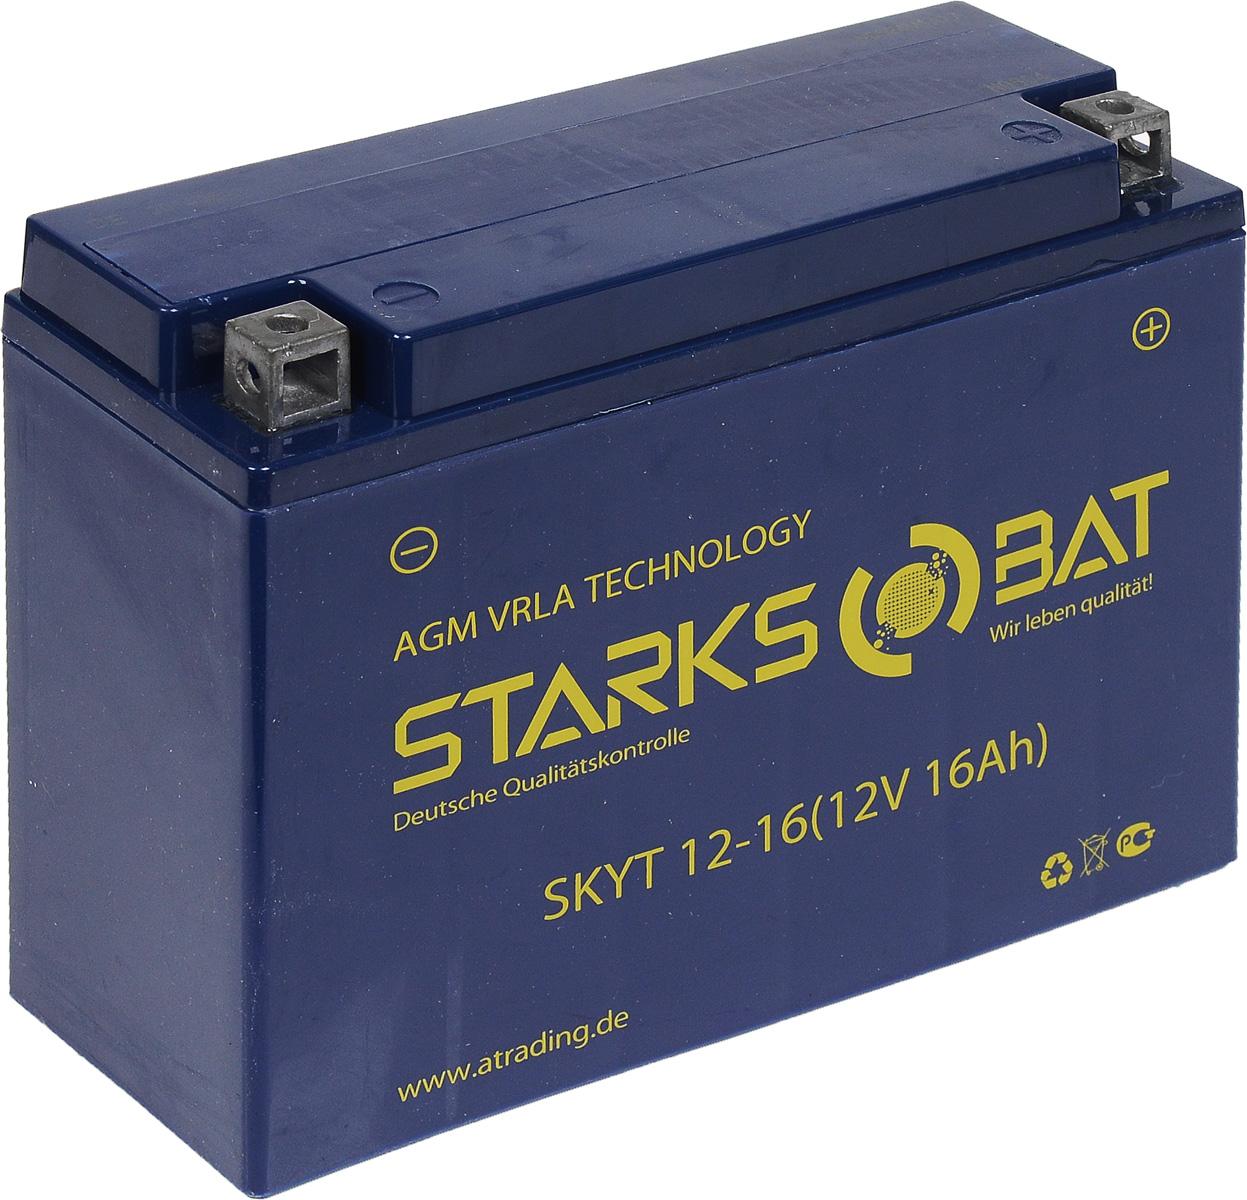 Батарея аккумуляторная для мотоциклов Starksbat. YT 12-16 (YB16AL-A2)YT 12-16Аккумулятор Starksbat изготовлен по технологии AGM, обеспечивающей повышенный уровень безопасности батареи и удобство ее эксплуатации. Корпус выполнен из особо ударопрочного и морозостойкого полипропилена. Аккумулятор блестяще доказал свои высокие эксплуатационные свойства в самых экстремальных условиях бездорожья, высоких и низких температур. Аккумуляторная батарея Starksbat производится под знаменитым немецким контролем качества, что обеспечивает ему высокие пусковые характеристики и восстановление емкости даже после глубокого разряда. Напряжение: 12 В. Емкость: 16 Ач. Полярность: обратная (- +). Ток холодной прокрутки: 200 Аh (EN).